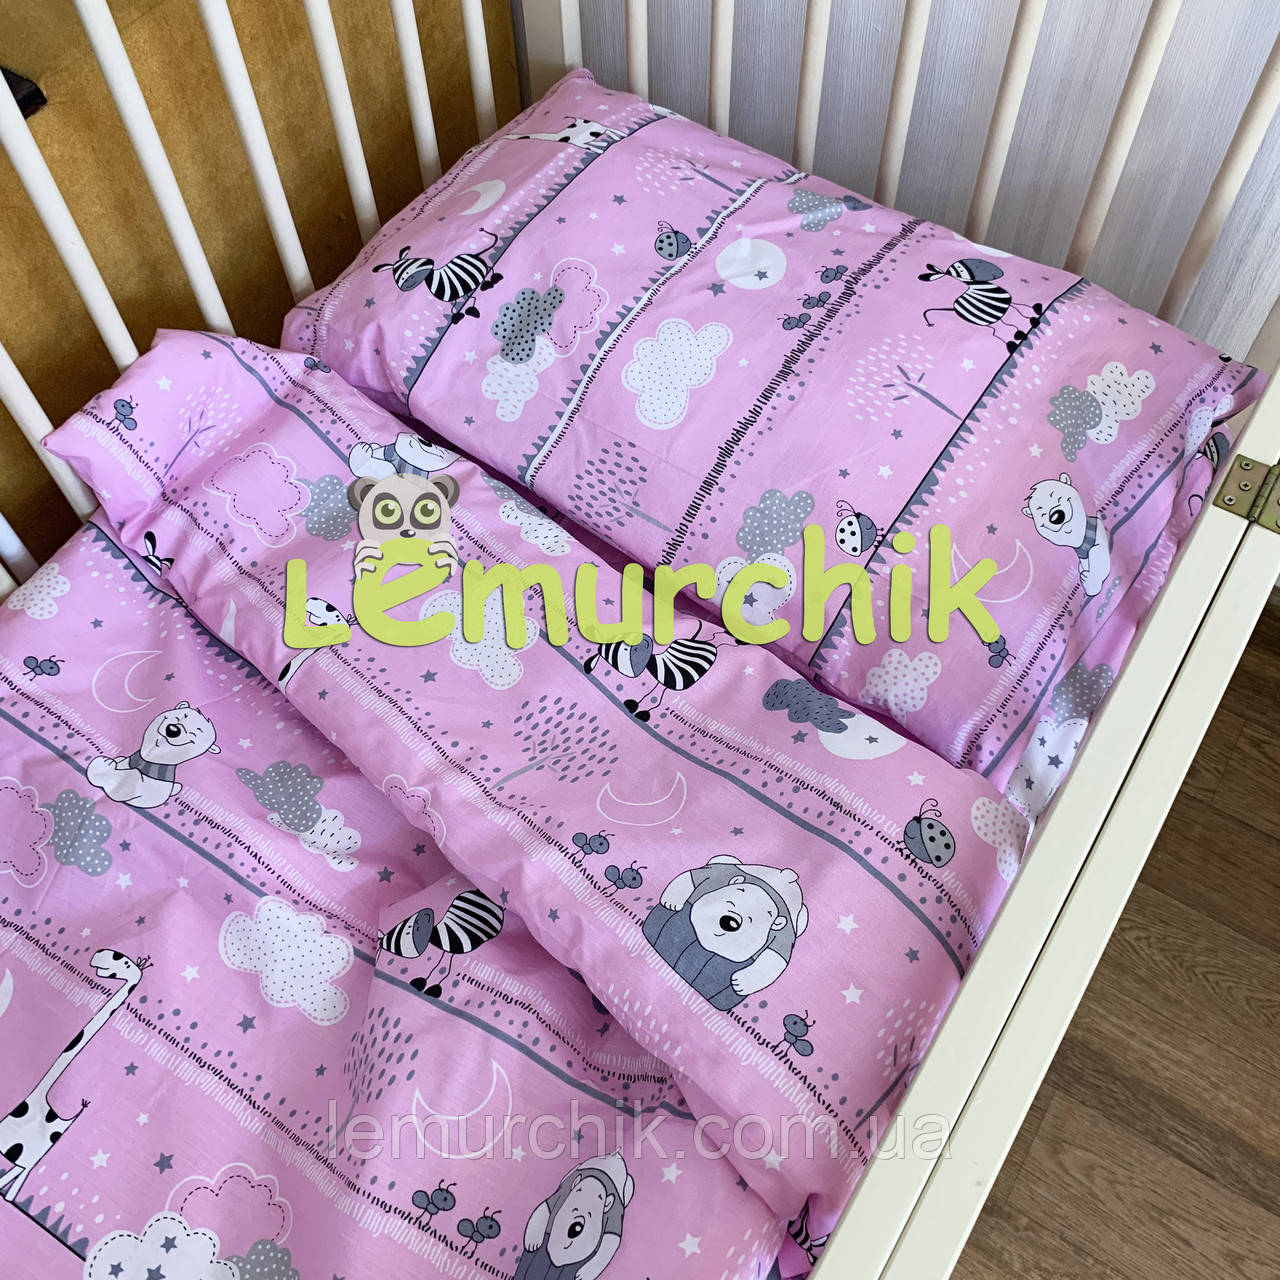 Постельный набор в детскую кроватку (3 предмета) Зеброчки розовые